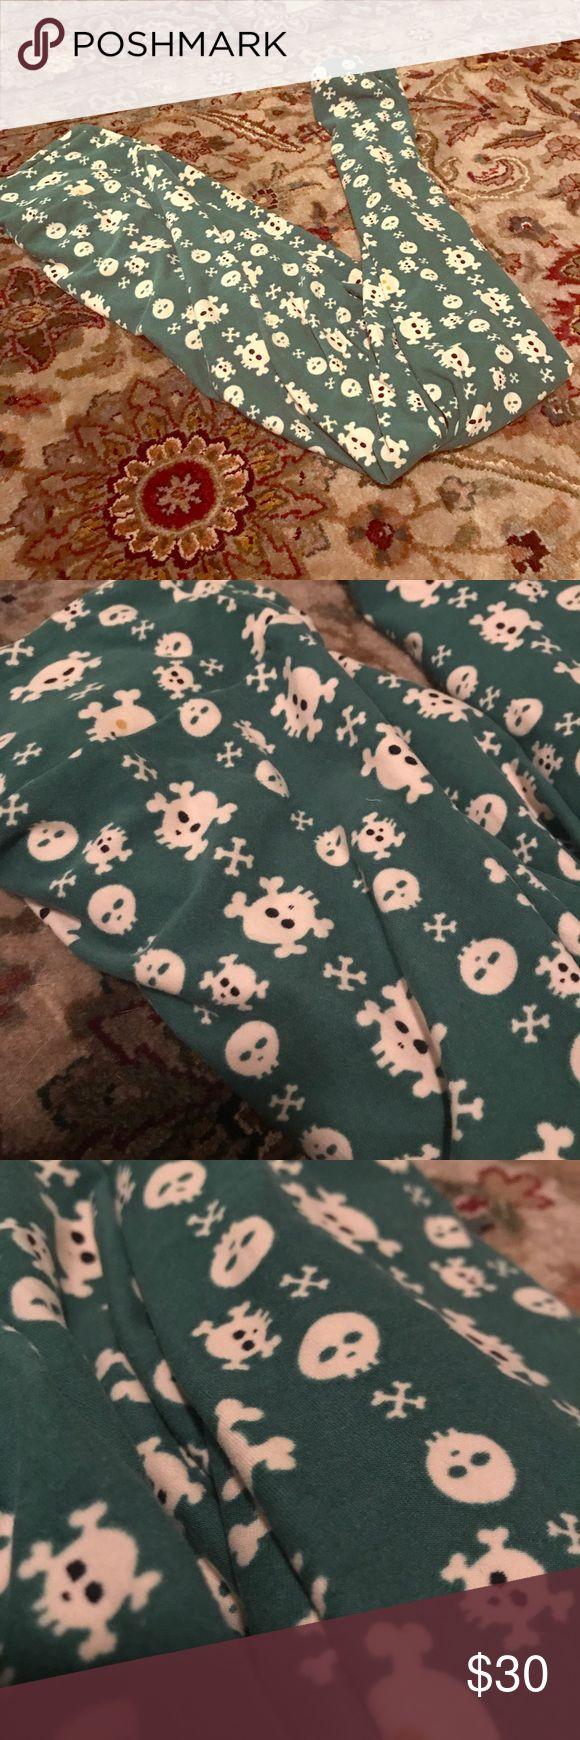 Lularoe skull print legging Skull print lularoe one size legging, green with white skulls. NWOT! LuLaRoe Pants Leggings